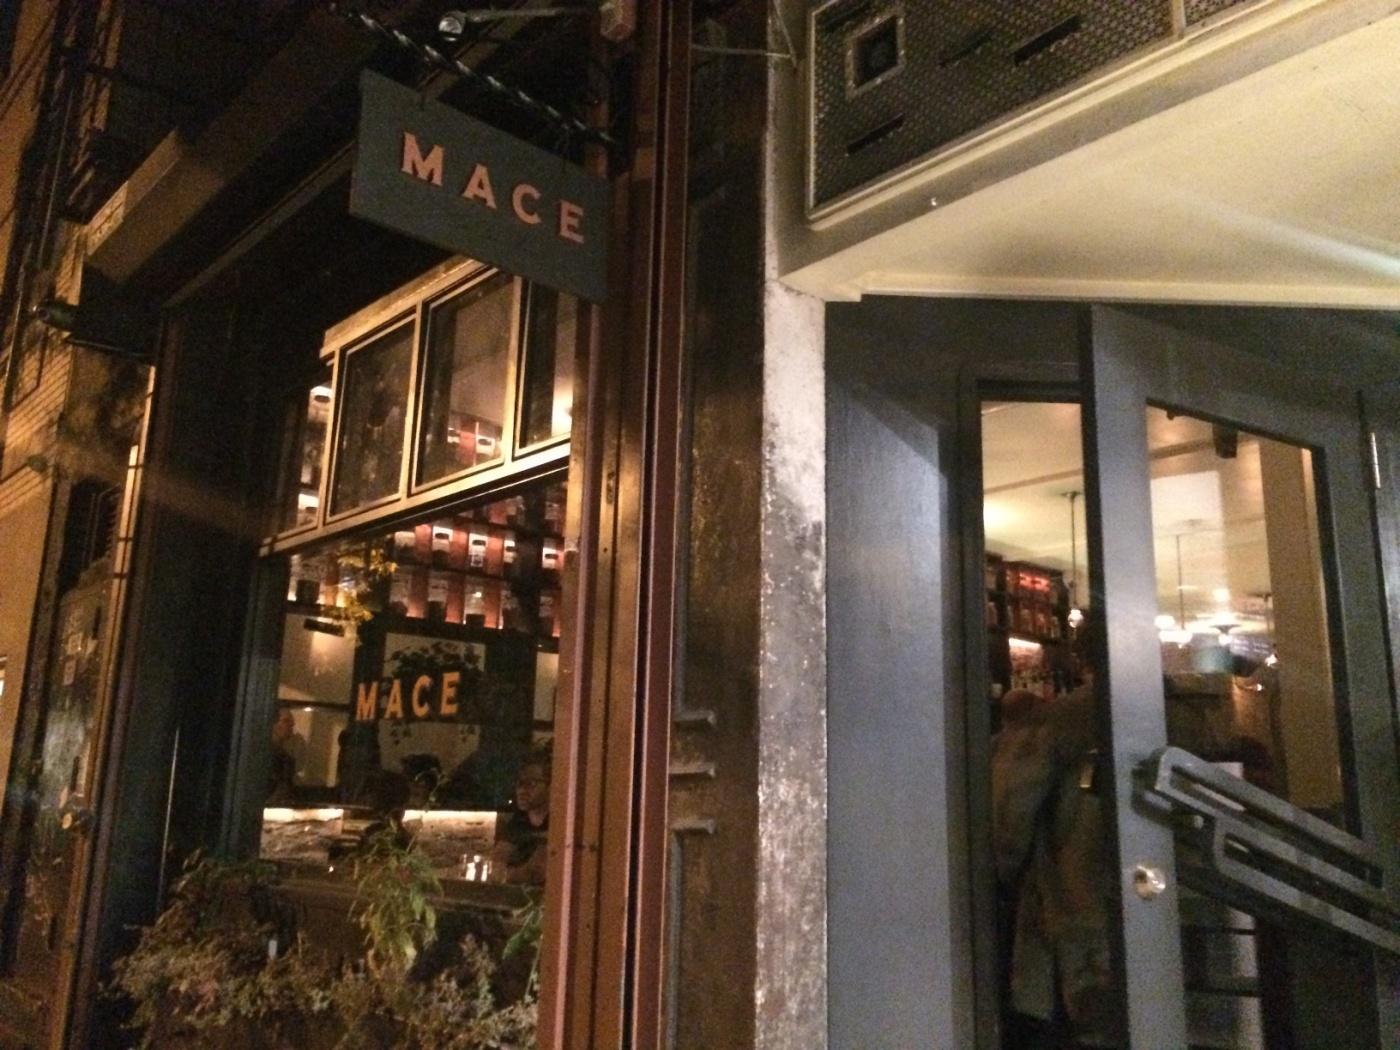 Mace, 649 E 9th St, New York, NY